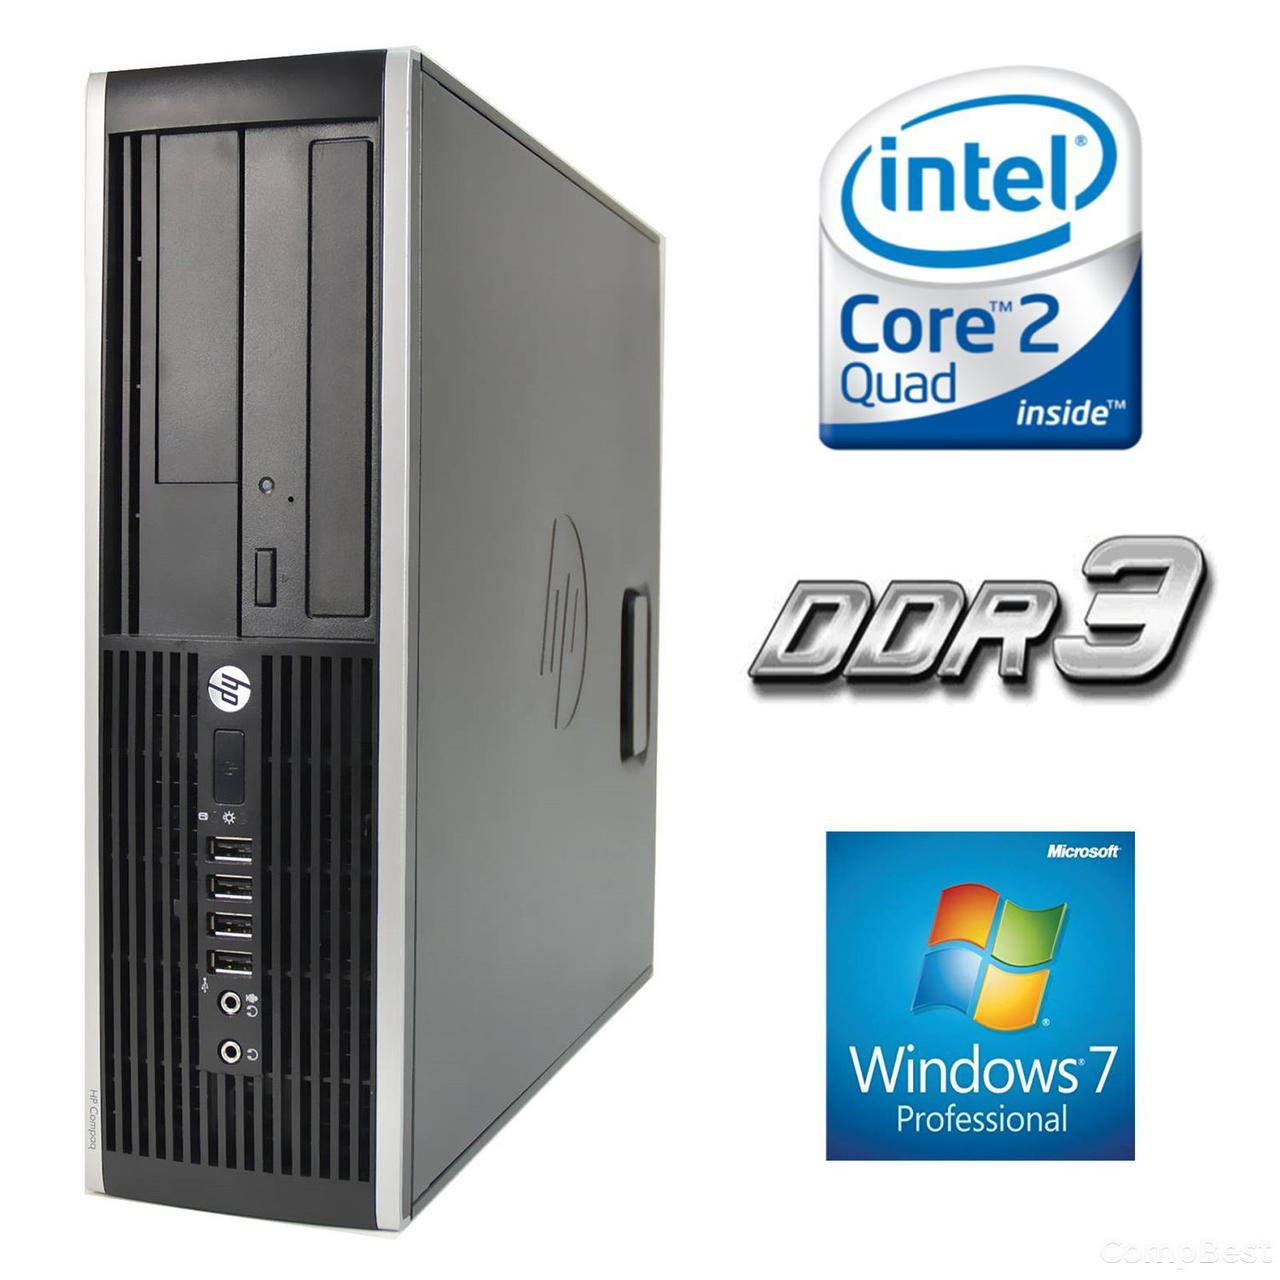 HP 6000 Pro SFF / Intel Core 2 Quad Q6600 (4 ядра по 2.4GHz) / 4 GB DDR3 / 160 GB HDD, 4, 160 HDD